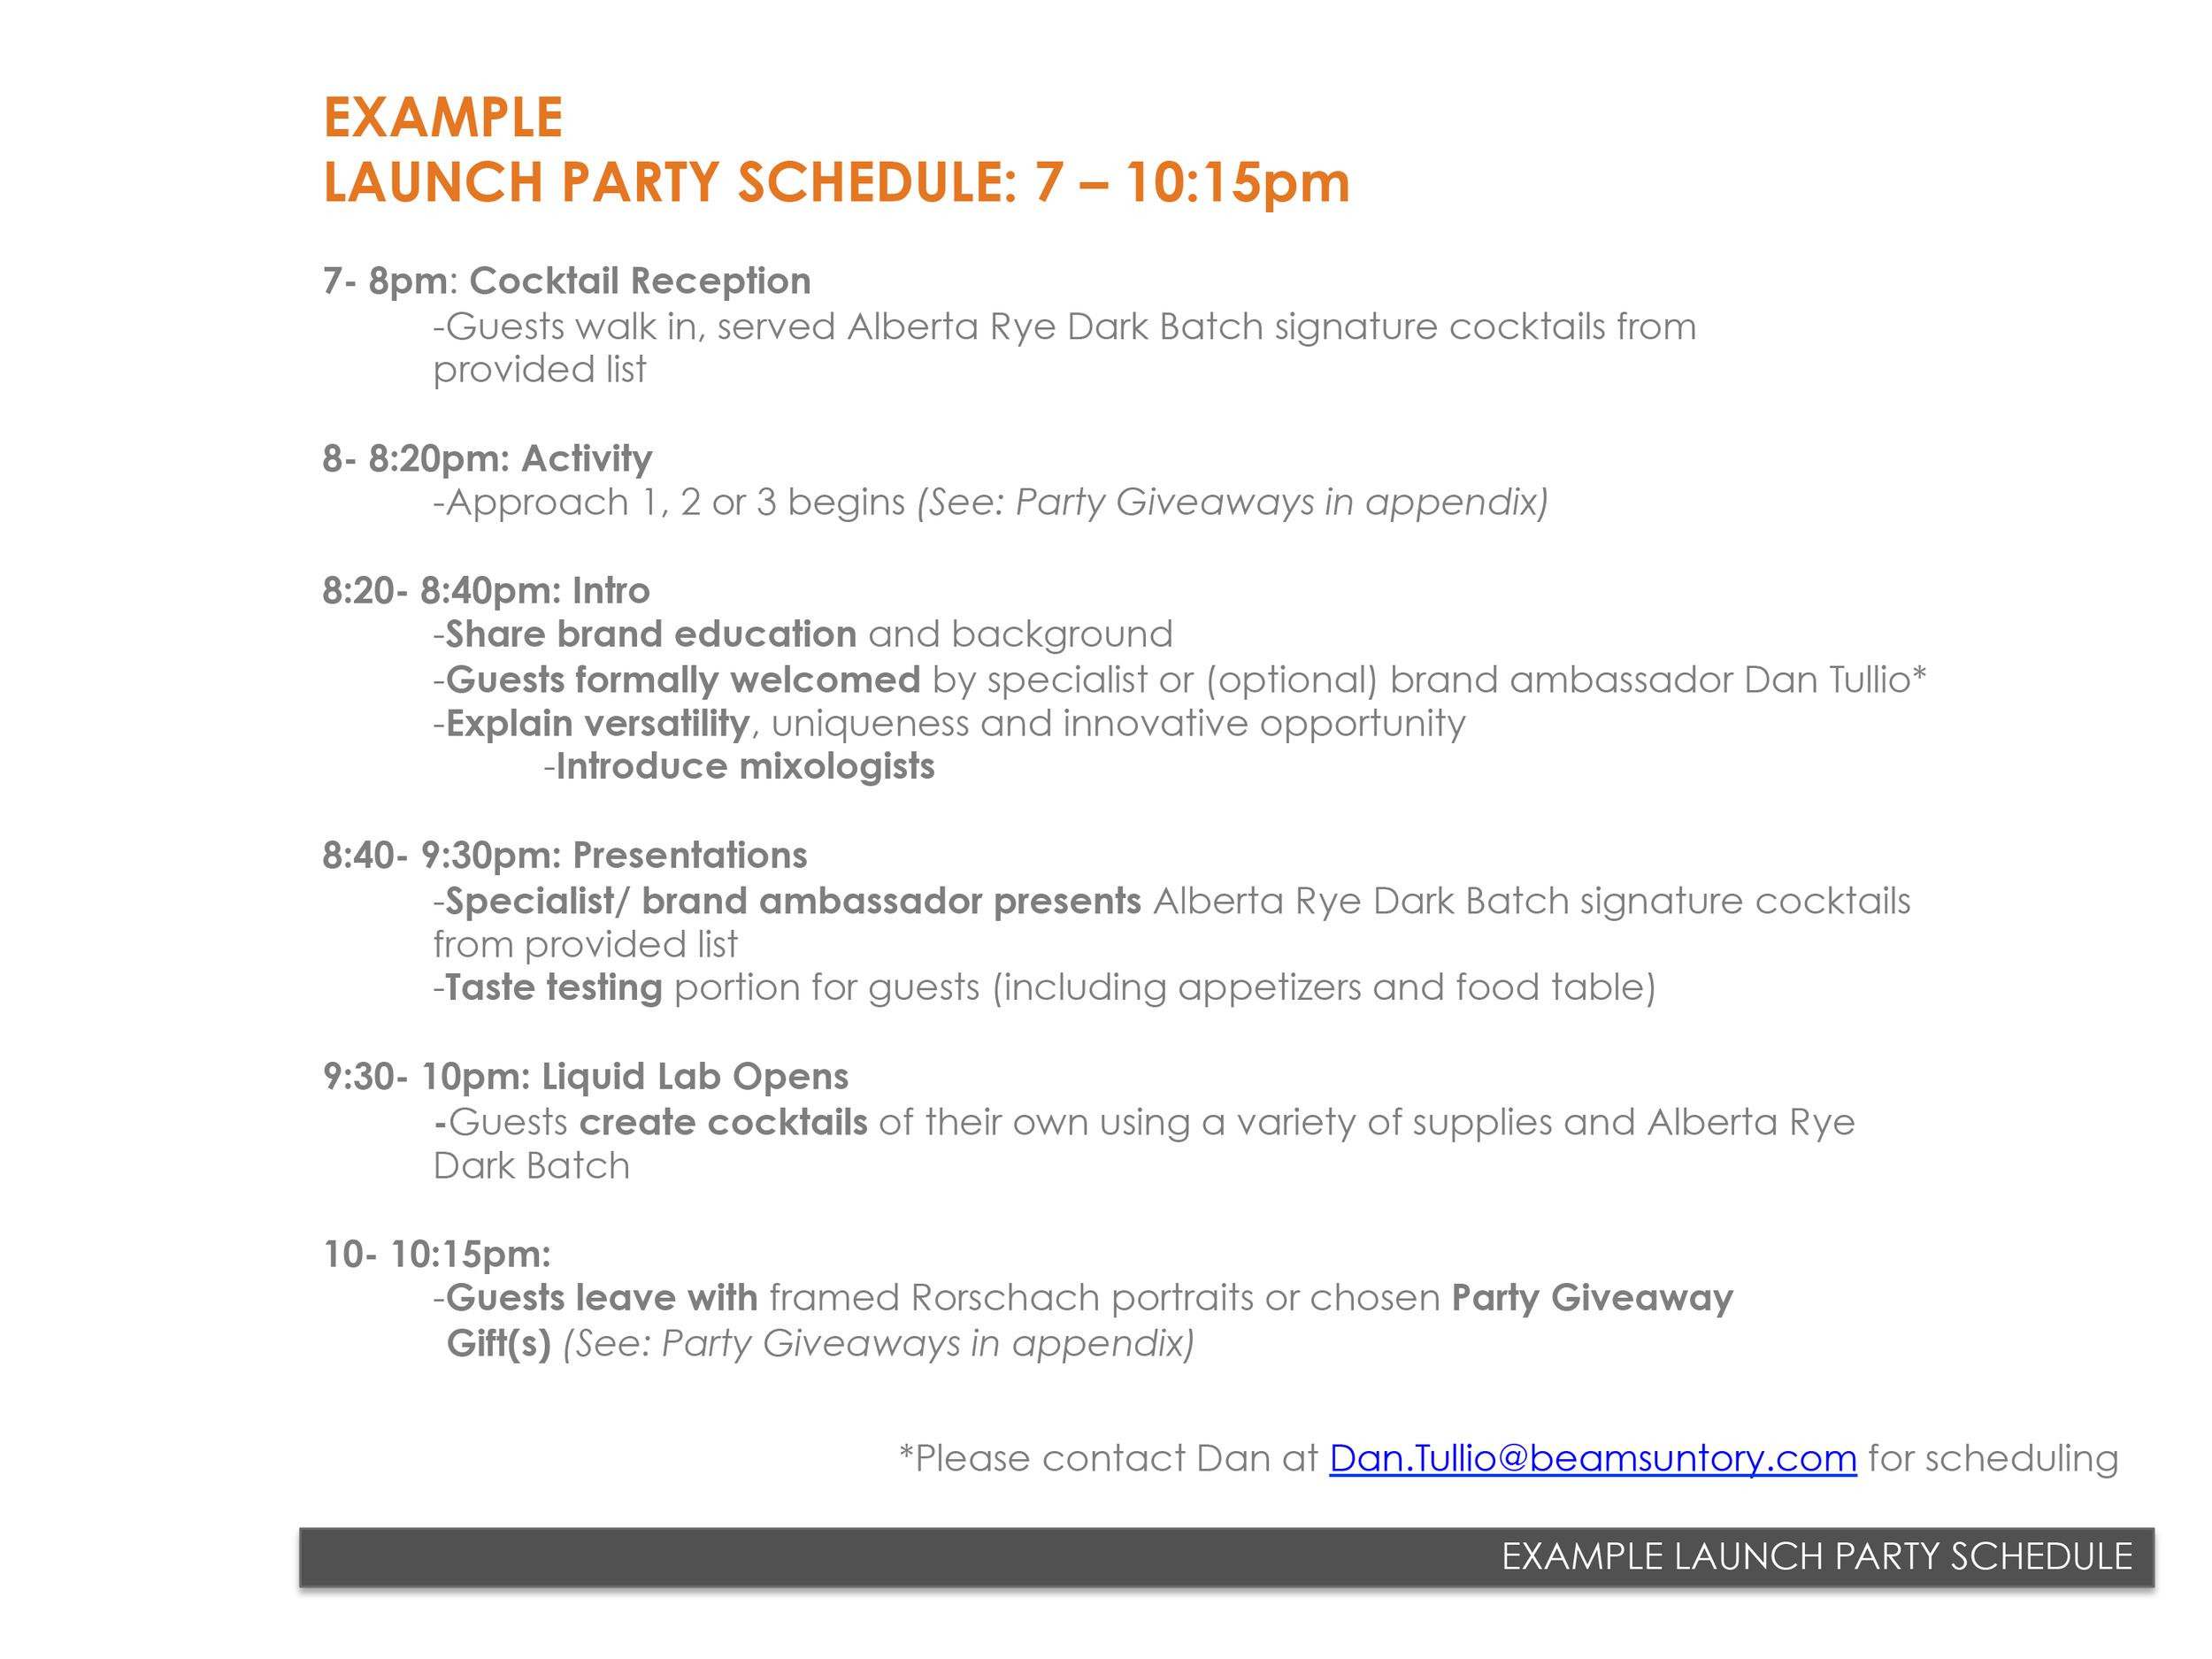 Alberta Rye Dark Batch Activation Guide 4.6-13.jpg